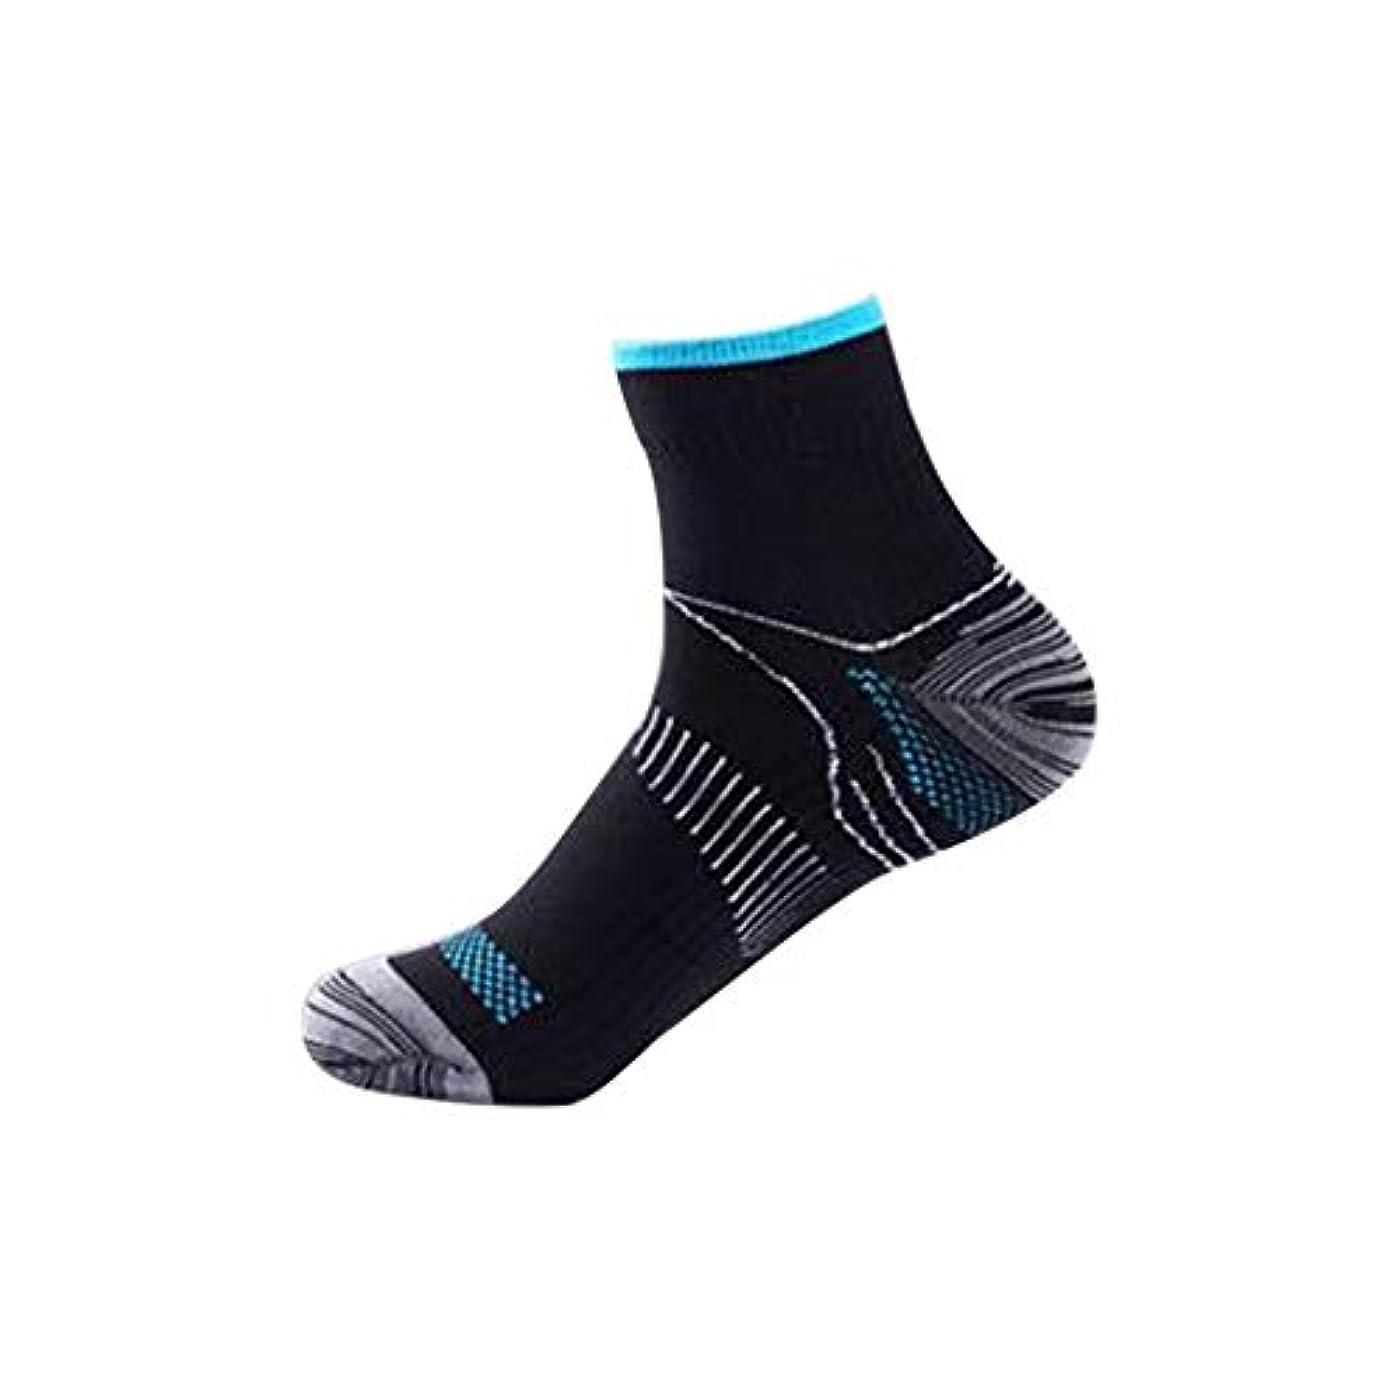 ロシア最終的に布快適な男性の女性の膝の靴下のサポートストレッチ通気性の靴下の下の短いストレッチ圧縮の靴下